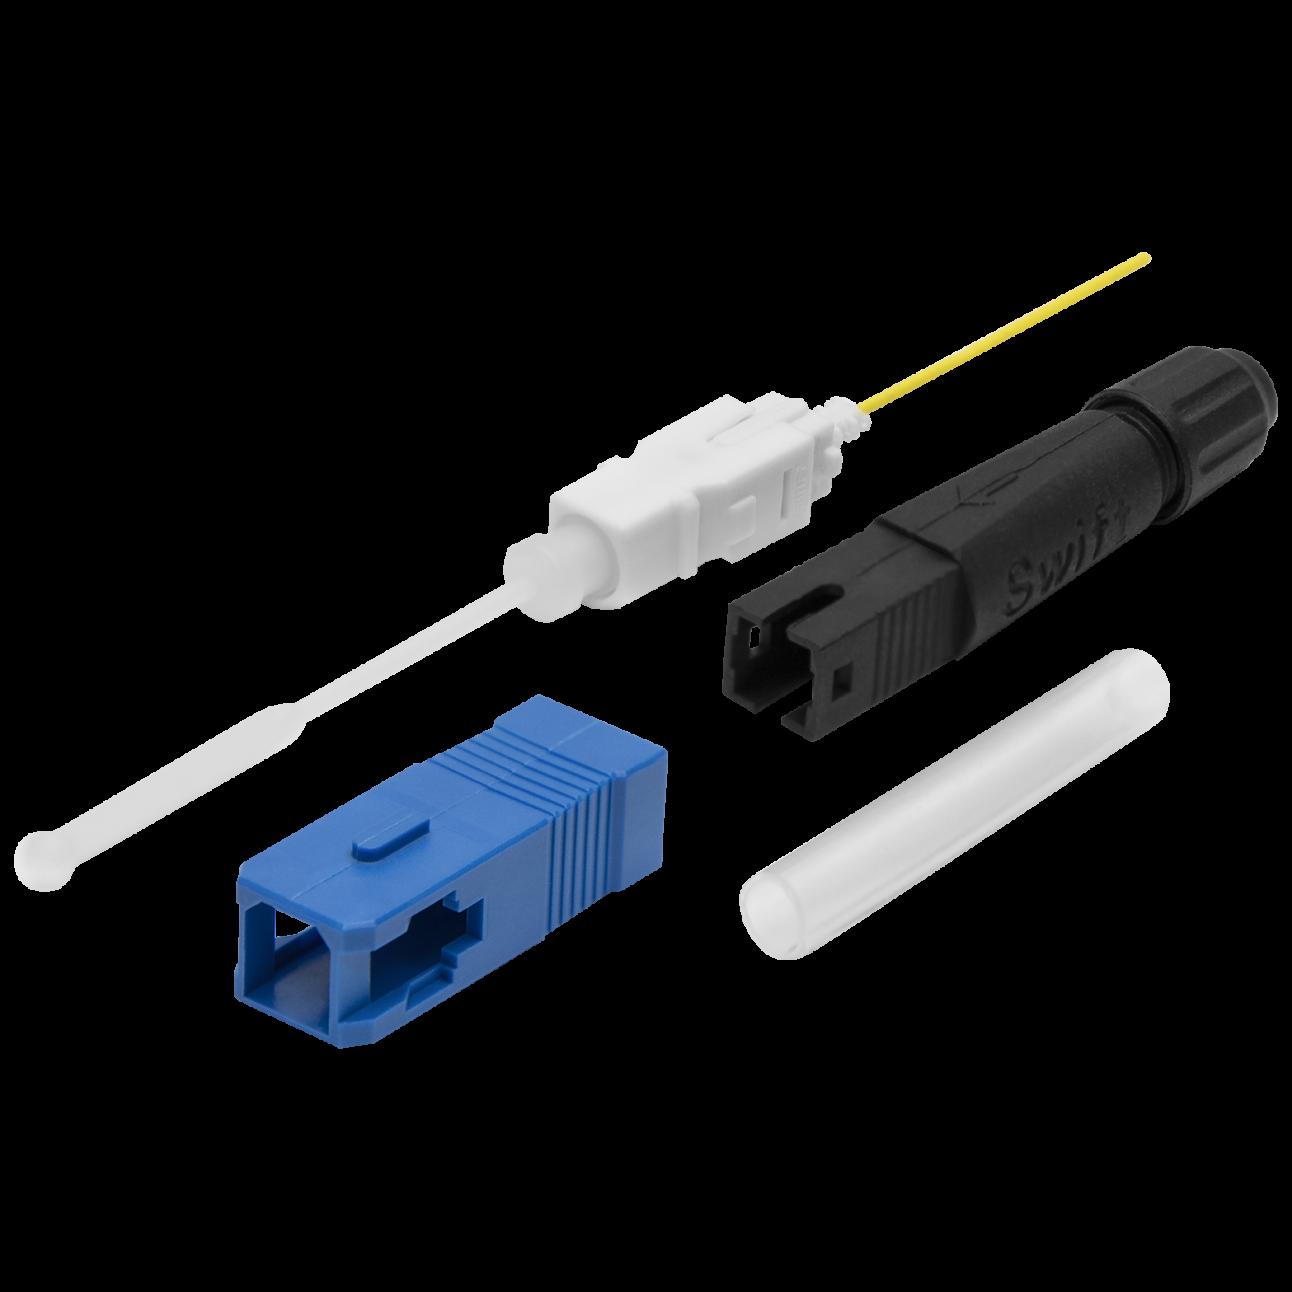 """Разъем оптический Ilsintech """"Splice-On Connector"""" SC/UPC для кабеля 3,0 мм / 2,0 х 3,1"""